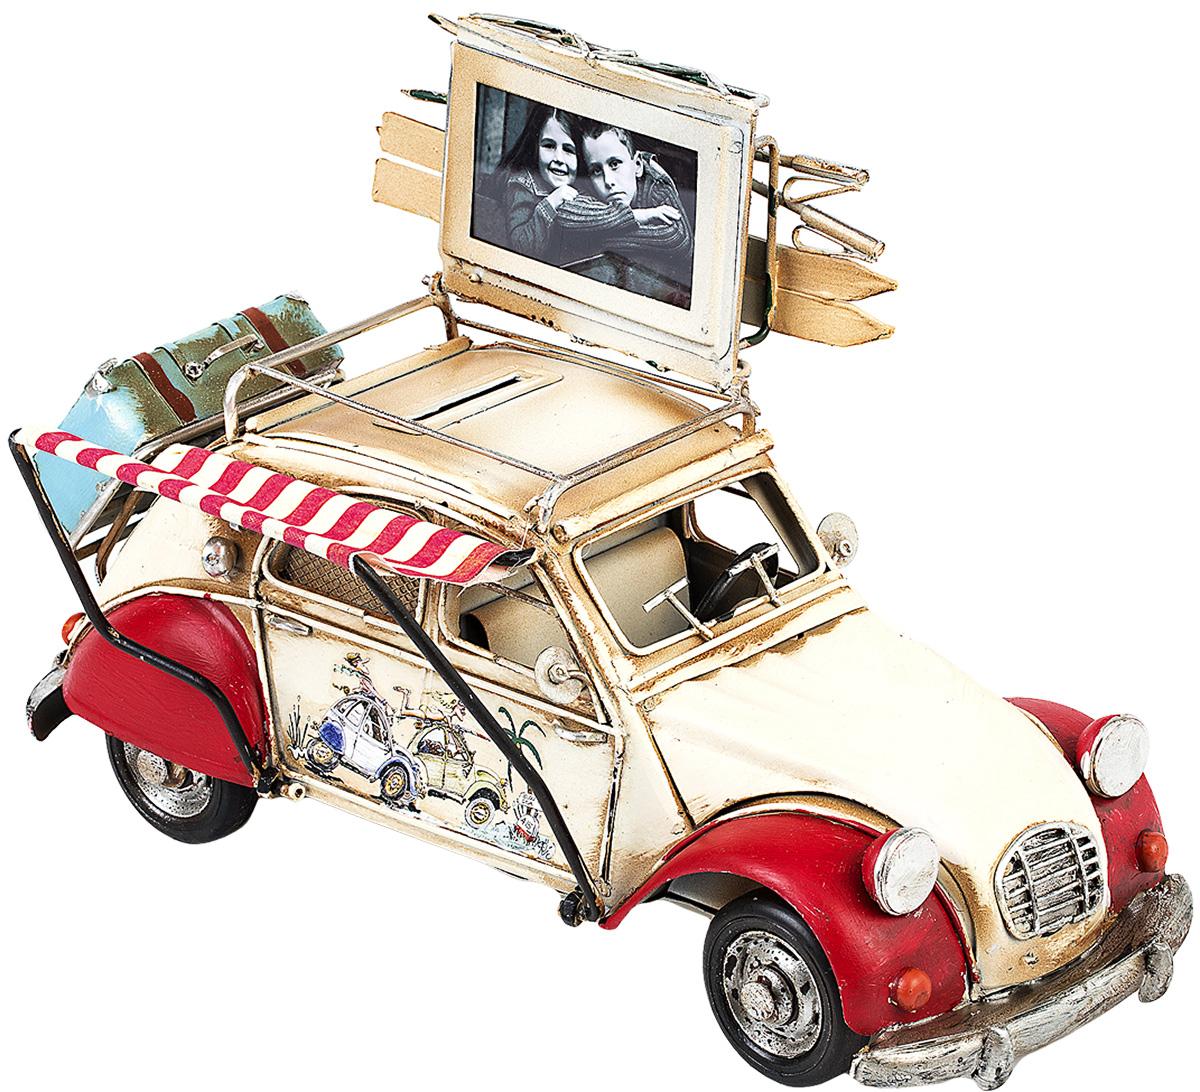 Модель Platinum Автомобиль, с фоторамкой и копилкой. 1404E-434040172Модель Platinum Автомобиль, выполненная из металла, станет оригинальным украшением интерьера. Вы можете поставить модель ретро-автомобиля в любом месте, где она будет удачно смотреться.Изделие дополнено копилкой и фоторамкой, куда вы можете вставить вашу любимую фотографию.Качество исполнения, точные детали и оригинальный дизайн выделяют эту модель среди ряда подобных. Модель займет достойное место в вашей коллекции, а также приятно удивит получателя в качестве стильного сувенира.